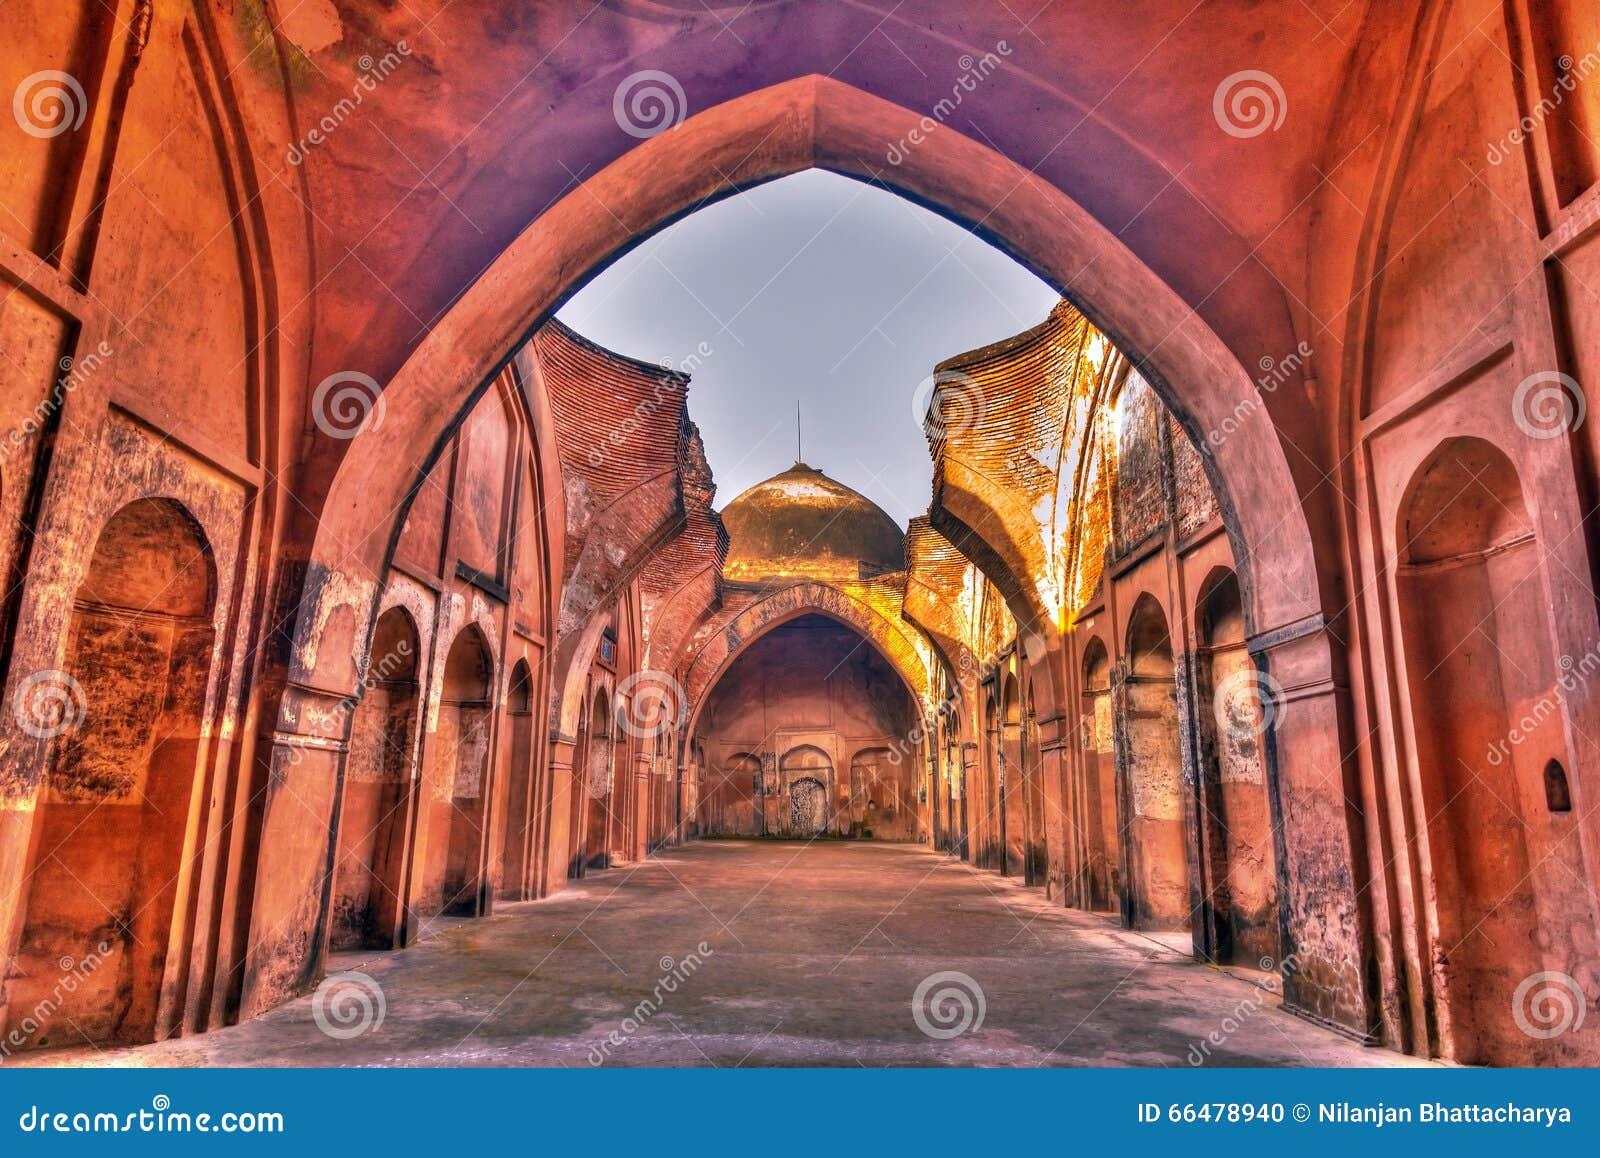 Katra mosque horizontal HDR